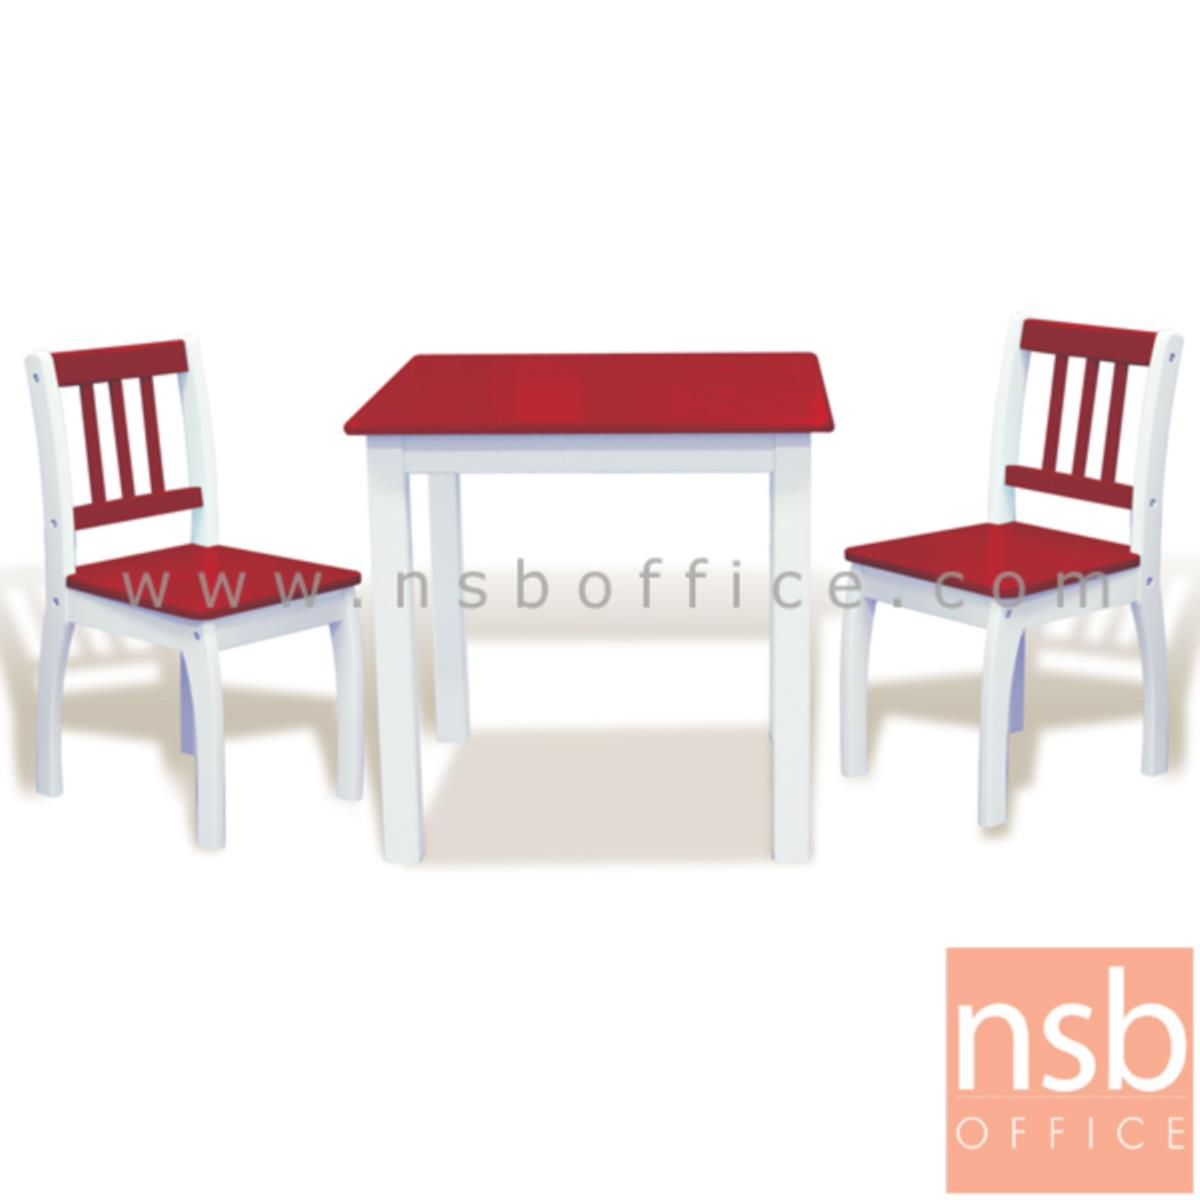 ชุดโต๊ะเด็กหน้าไม้โฟเมก้า 2 ที่นั่ง รุ่น Cuba (คิวบา) ขนาด 60W cm.  พร้อมเก้าอี้